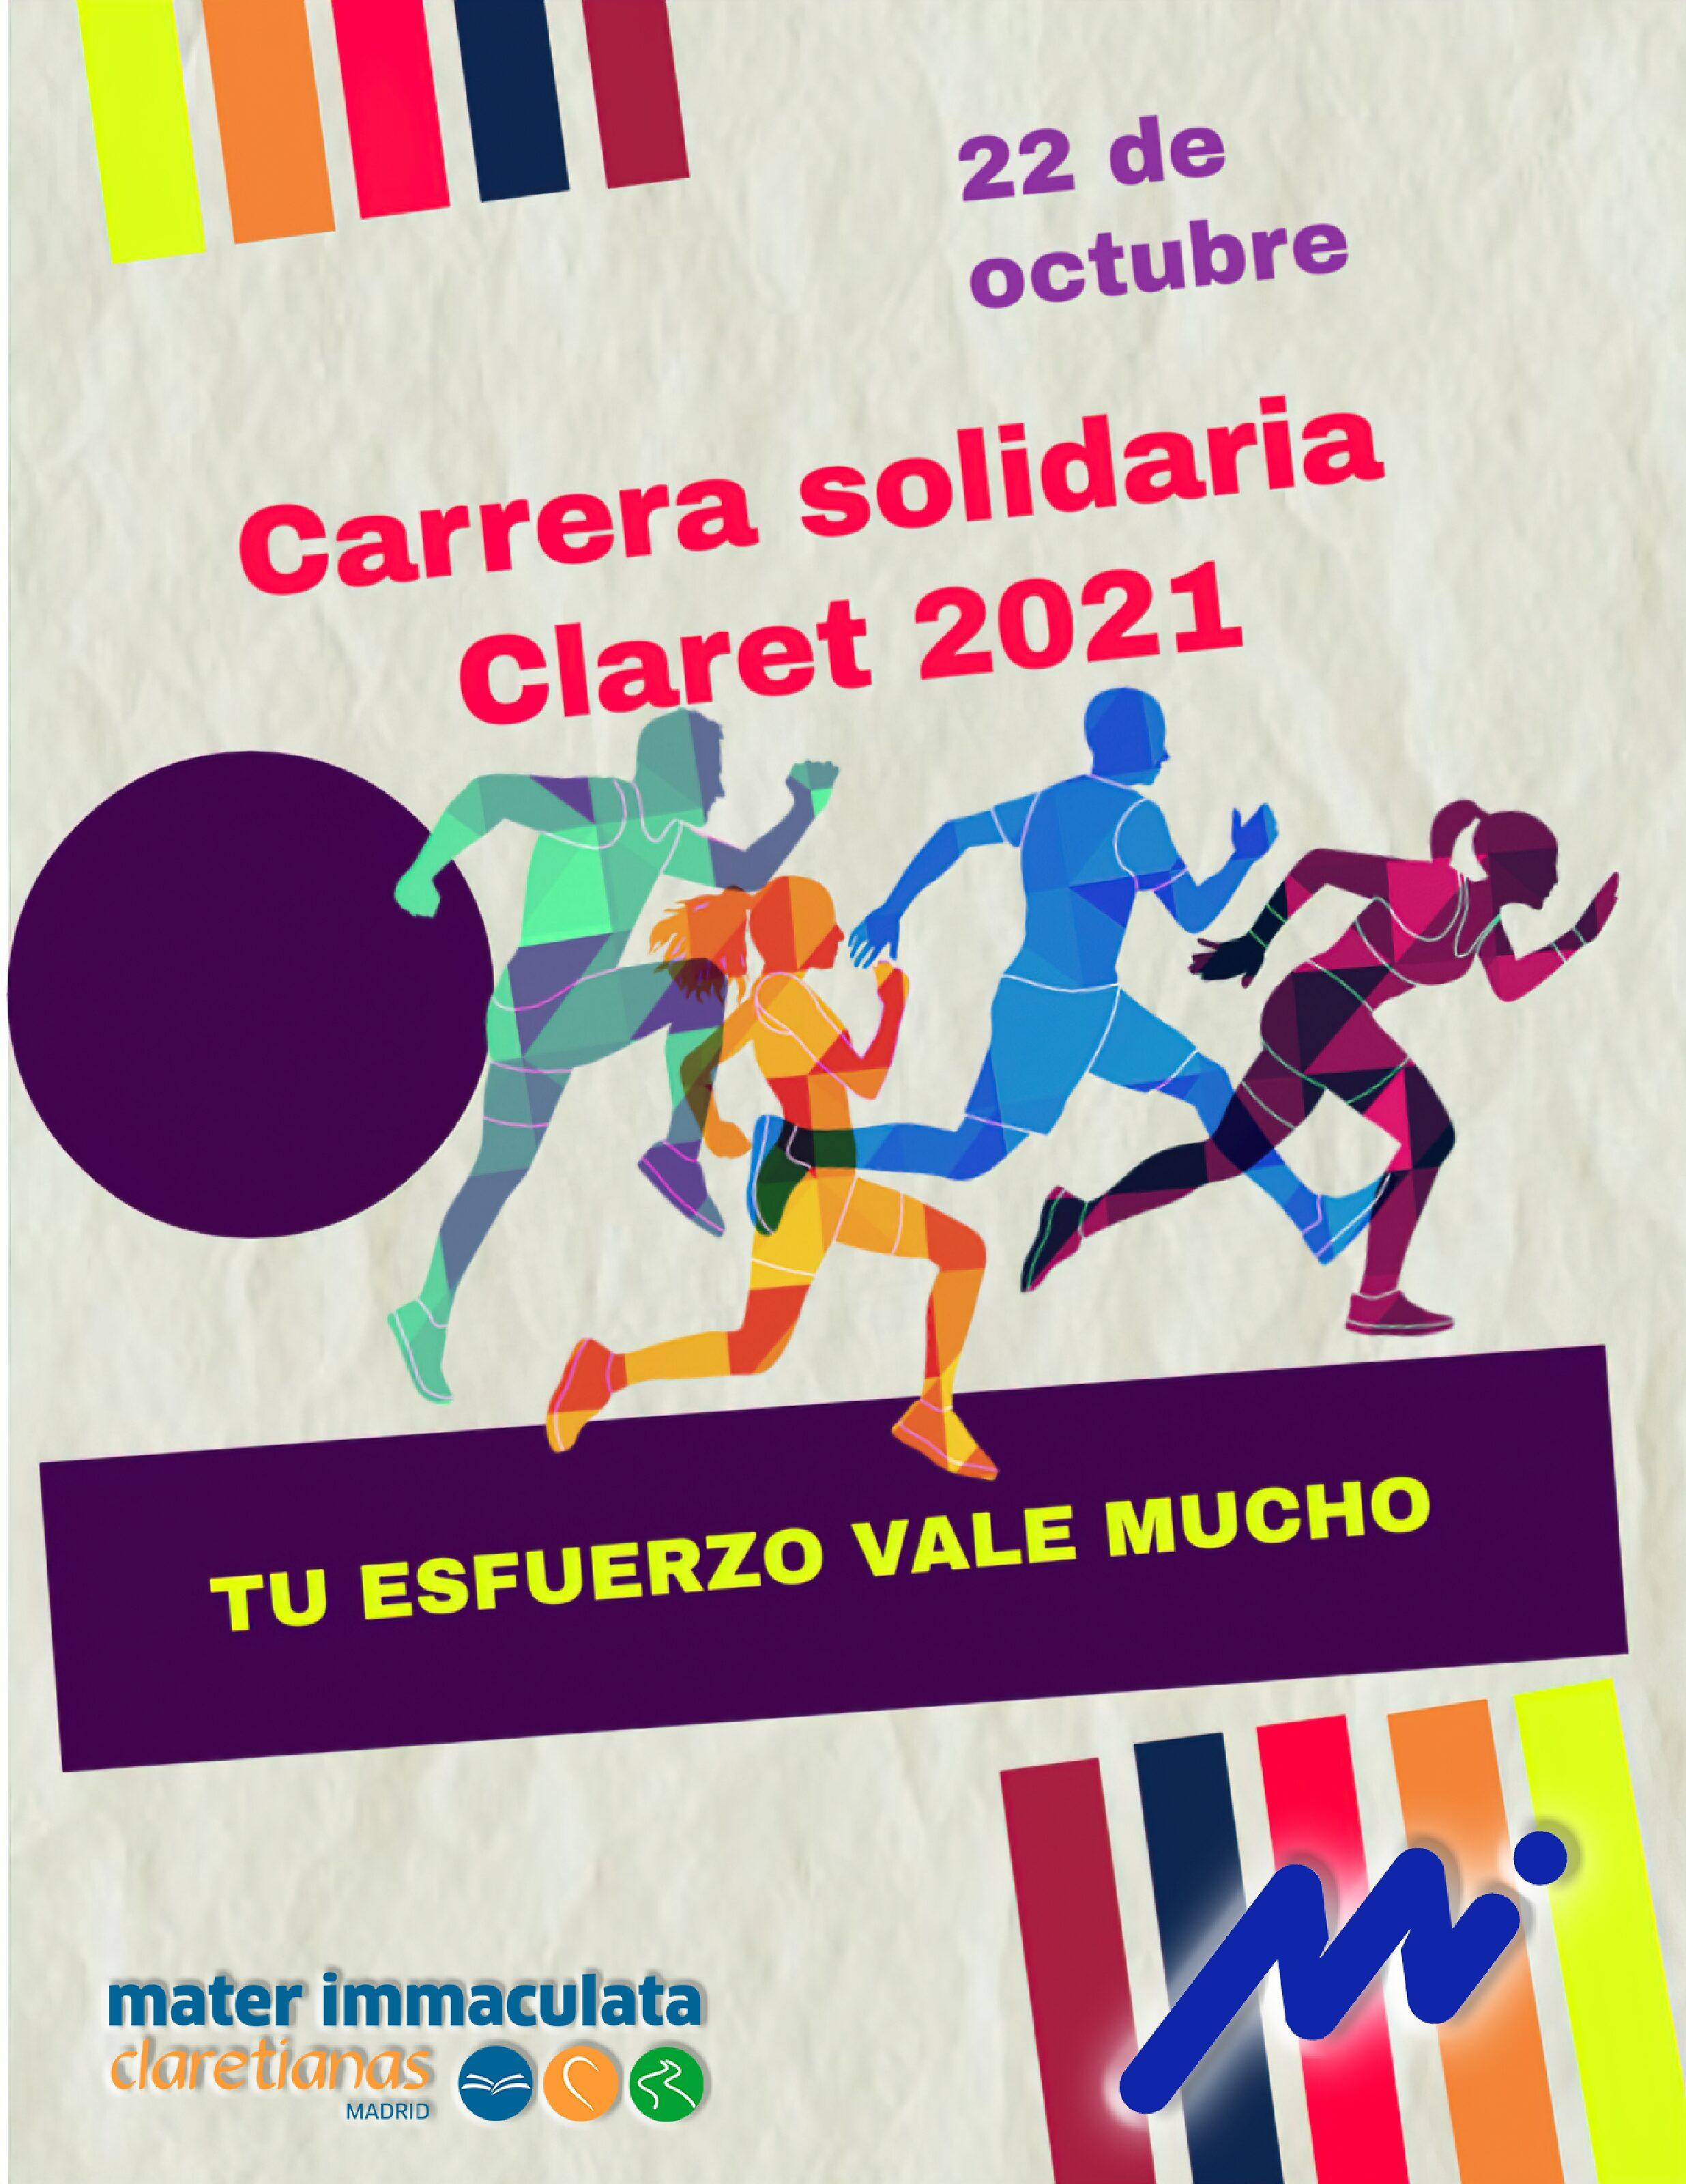 CARRERA SOLIDARIA CLARET